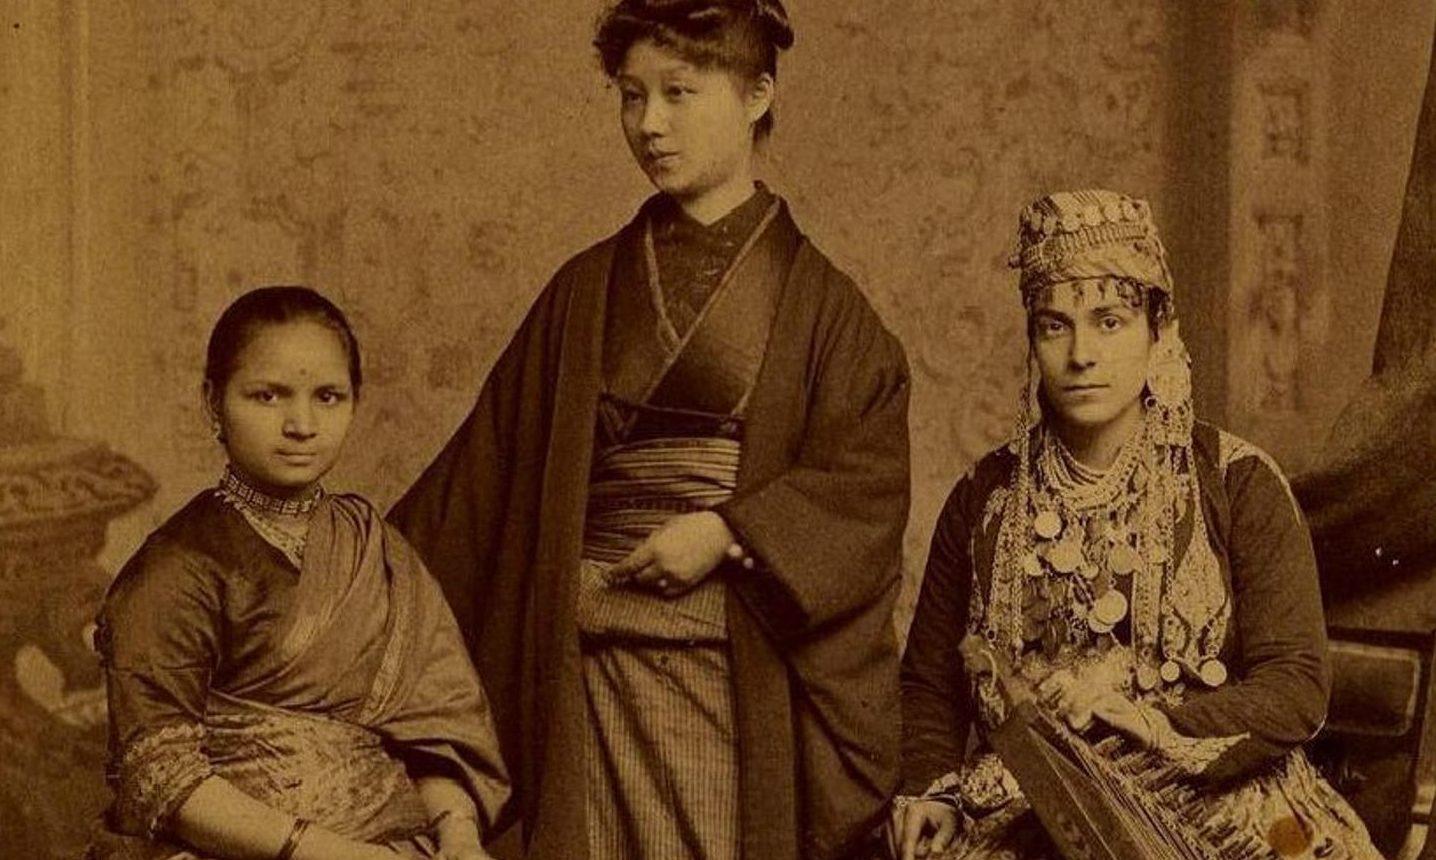 Woman's Medical College of Pennsylvania, 1885: - Dr. Anandabai Joshee, Seranisore, Indien. - Dr. Kai Okami, Tokio, Japan. - Dr. Tabat M. Islambooly, Damascus, Syrien. Alle drei absolvierten ihre medizinische Ausbildung und jede von ihnen wurde damit die erste Frau aus ihren jeweiligen Ländern, die einen Abschluss in der westlichen Medizin erwarb (Fotografie aus der Sammlung